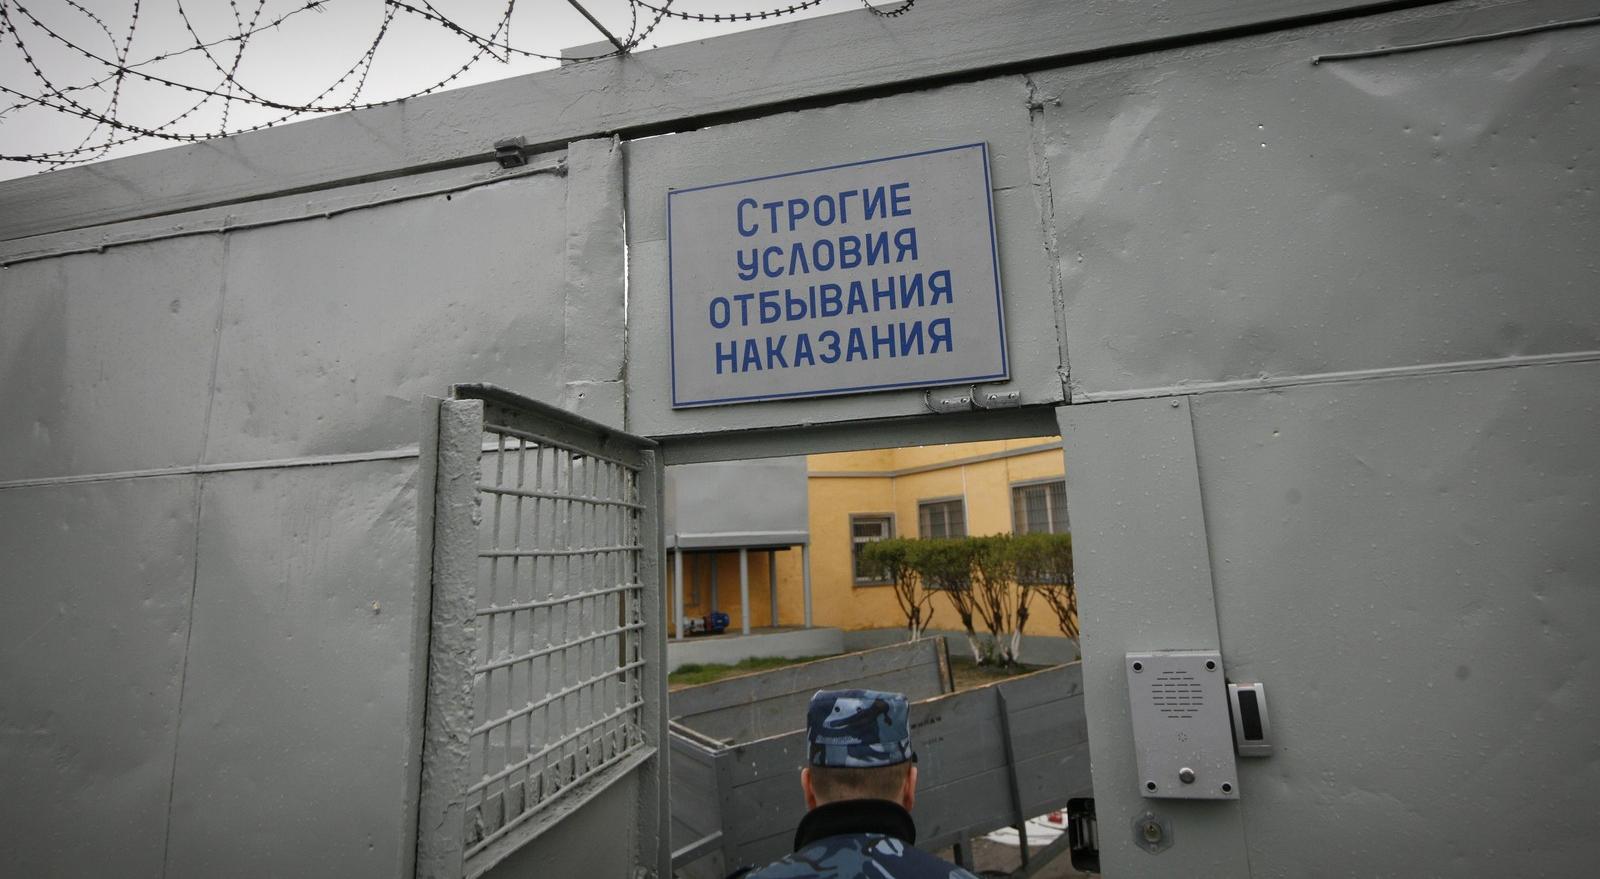 Житель Тверской области отсидит 8 лет за нападение на 81-летнюю бабушку